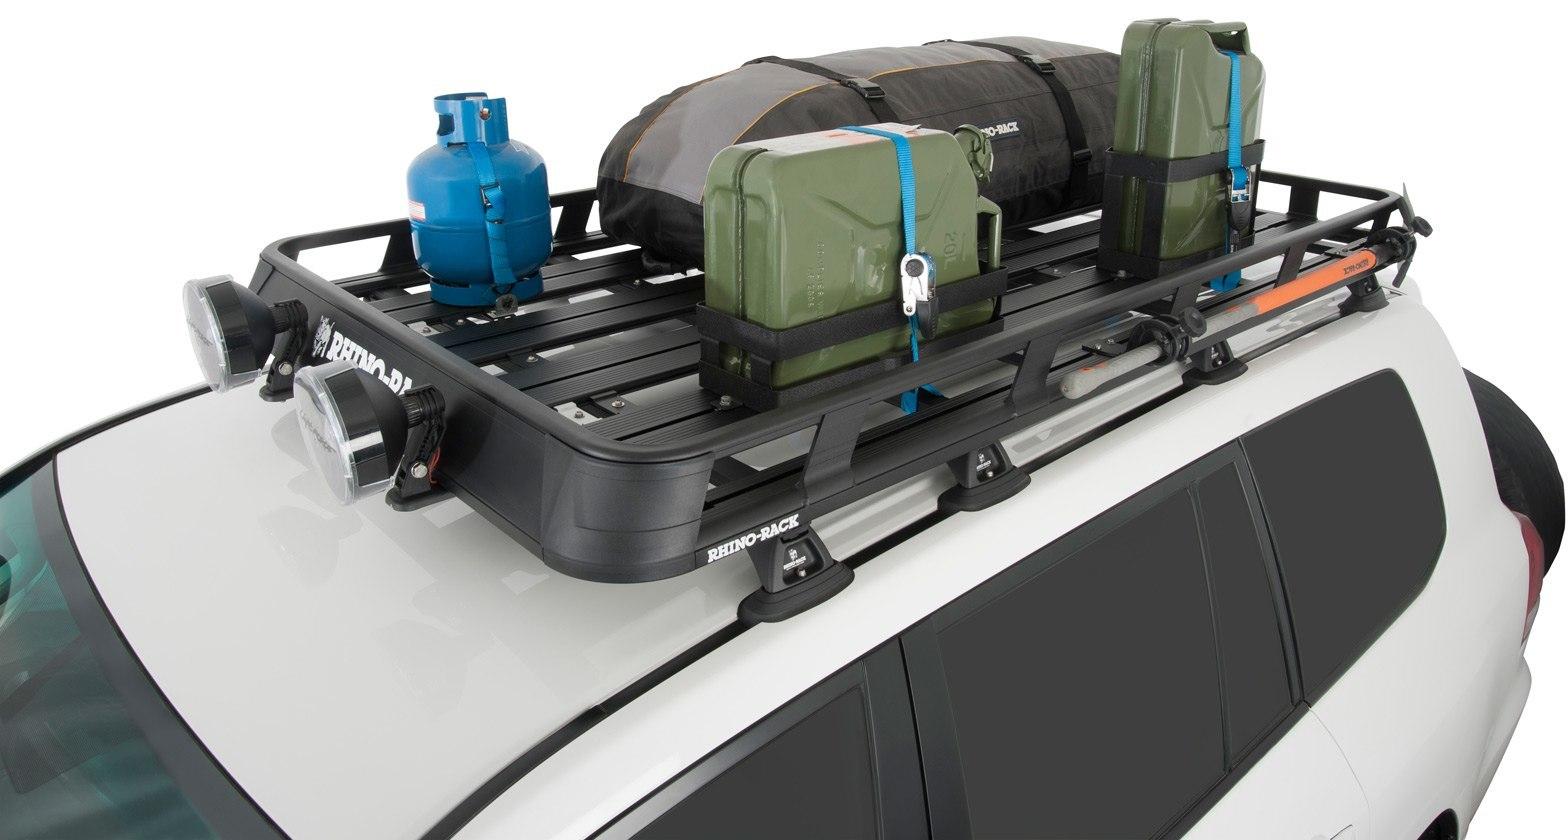 roof rack accessories adventure 4x4